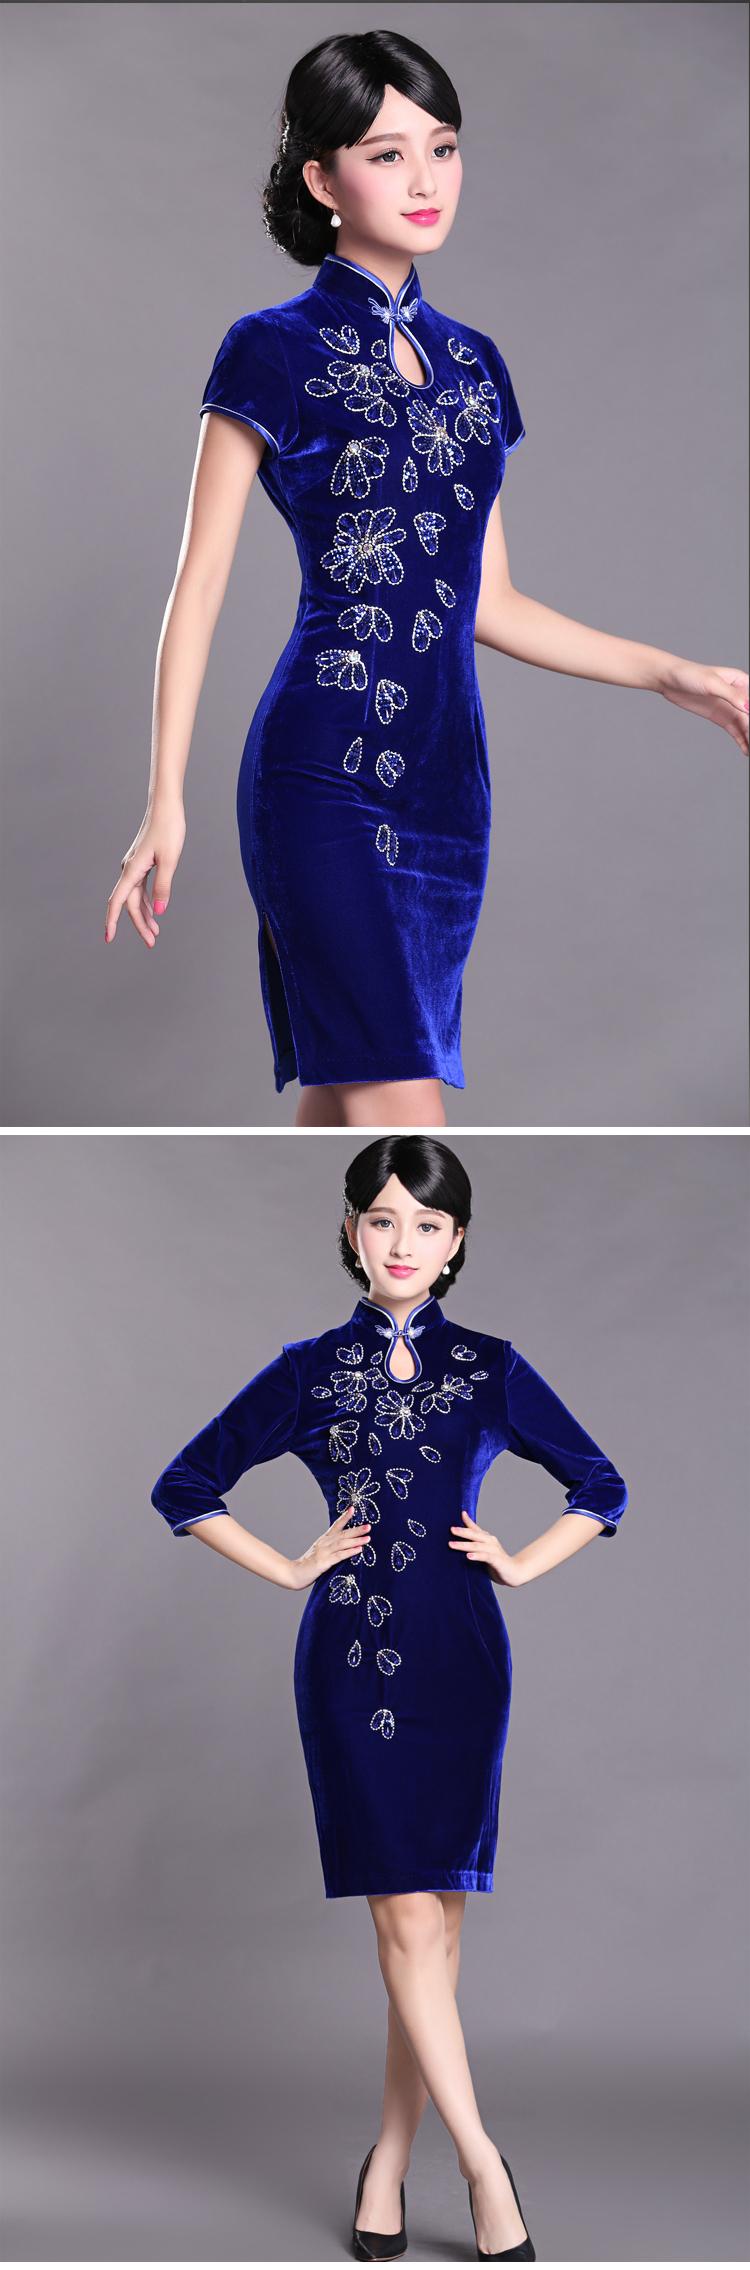 乔尚名媛金丝绒旗袍秋裙聚会礼服中长款srdz009 紫色中袖 xxxl